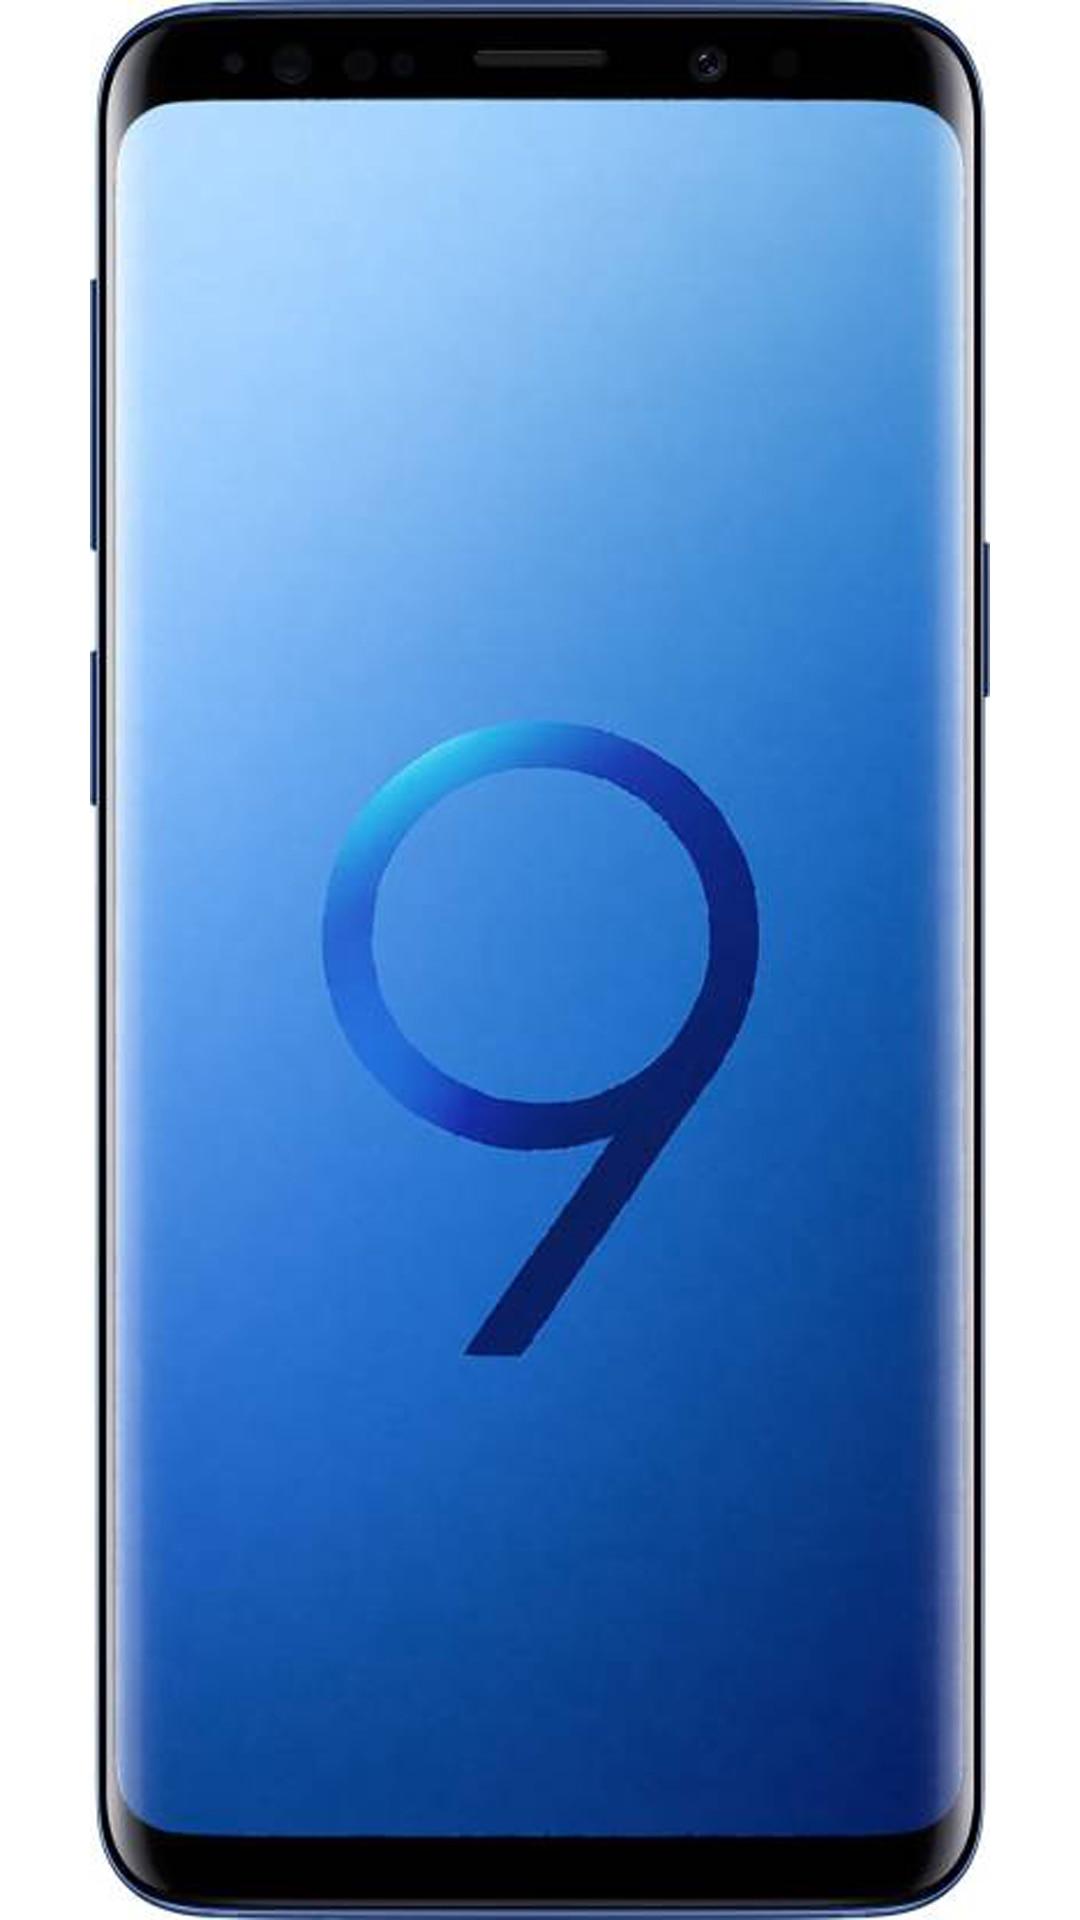 Samsung Galaxy S9 Plus 6 GB|64 GB Coral Blue